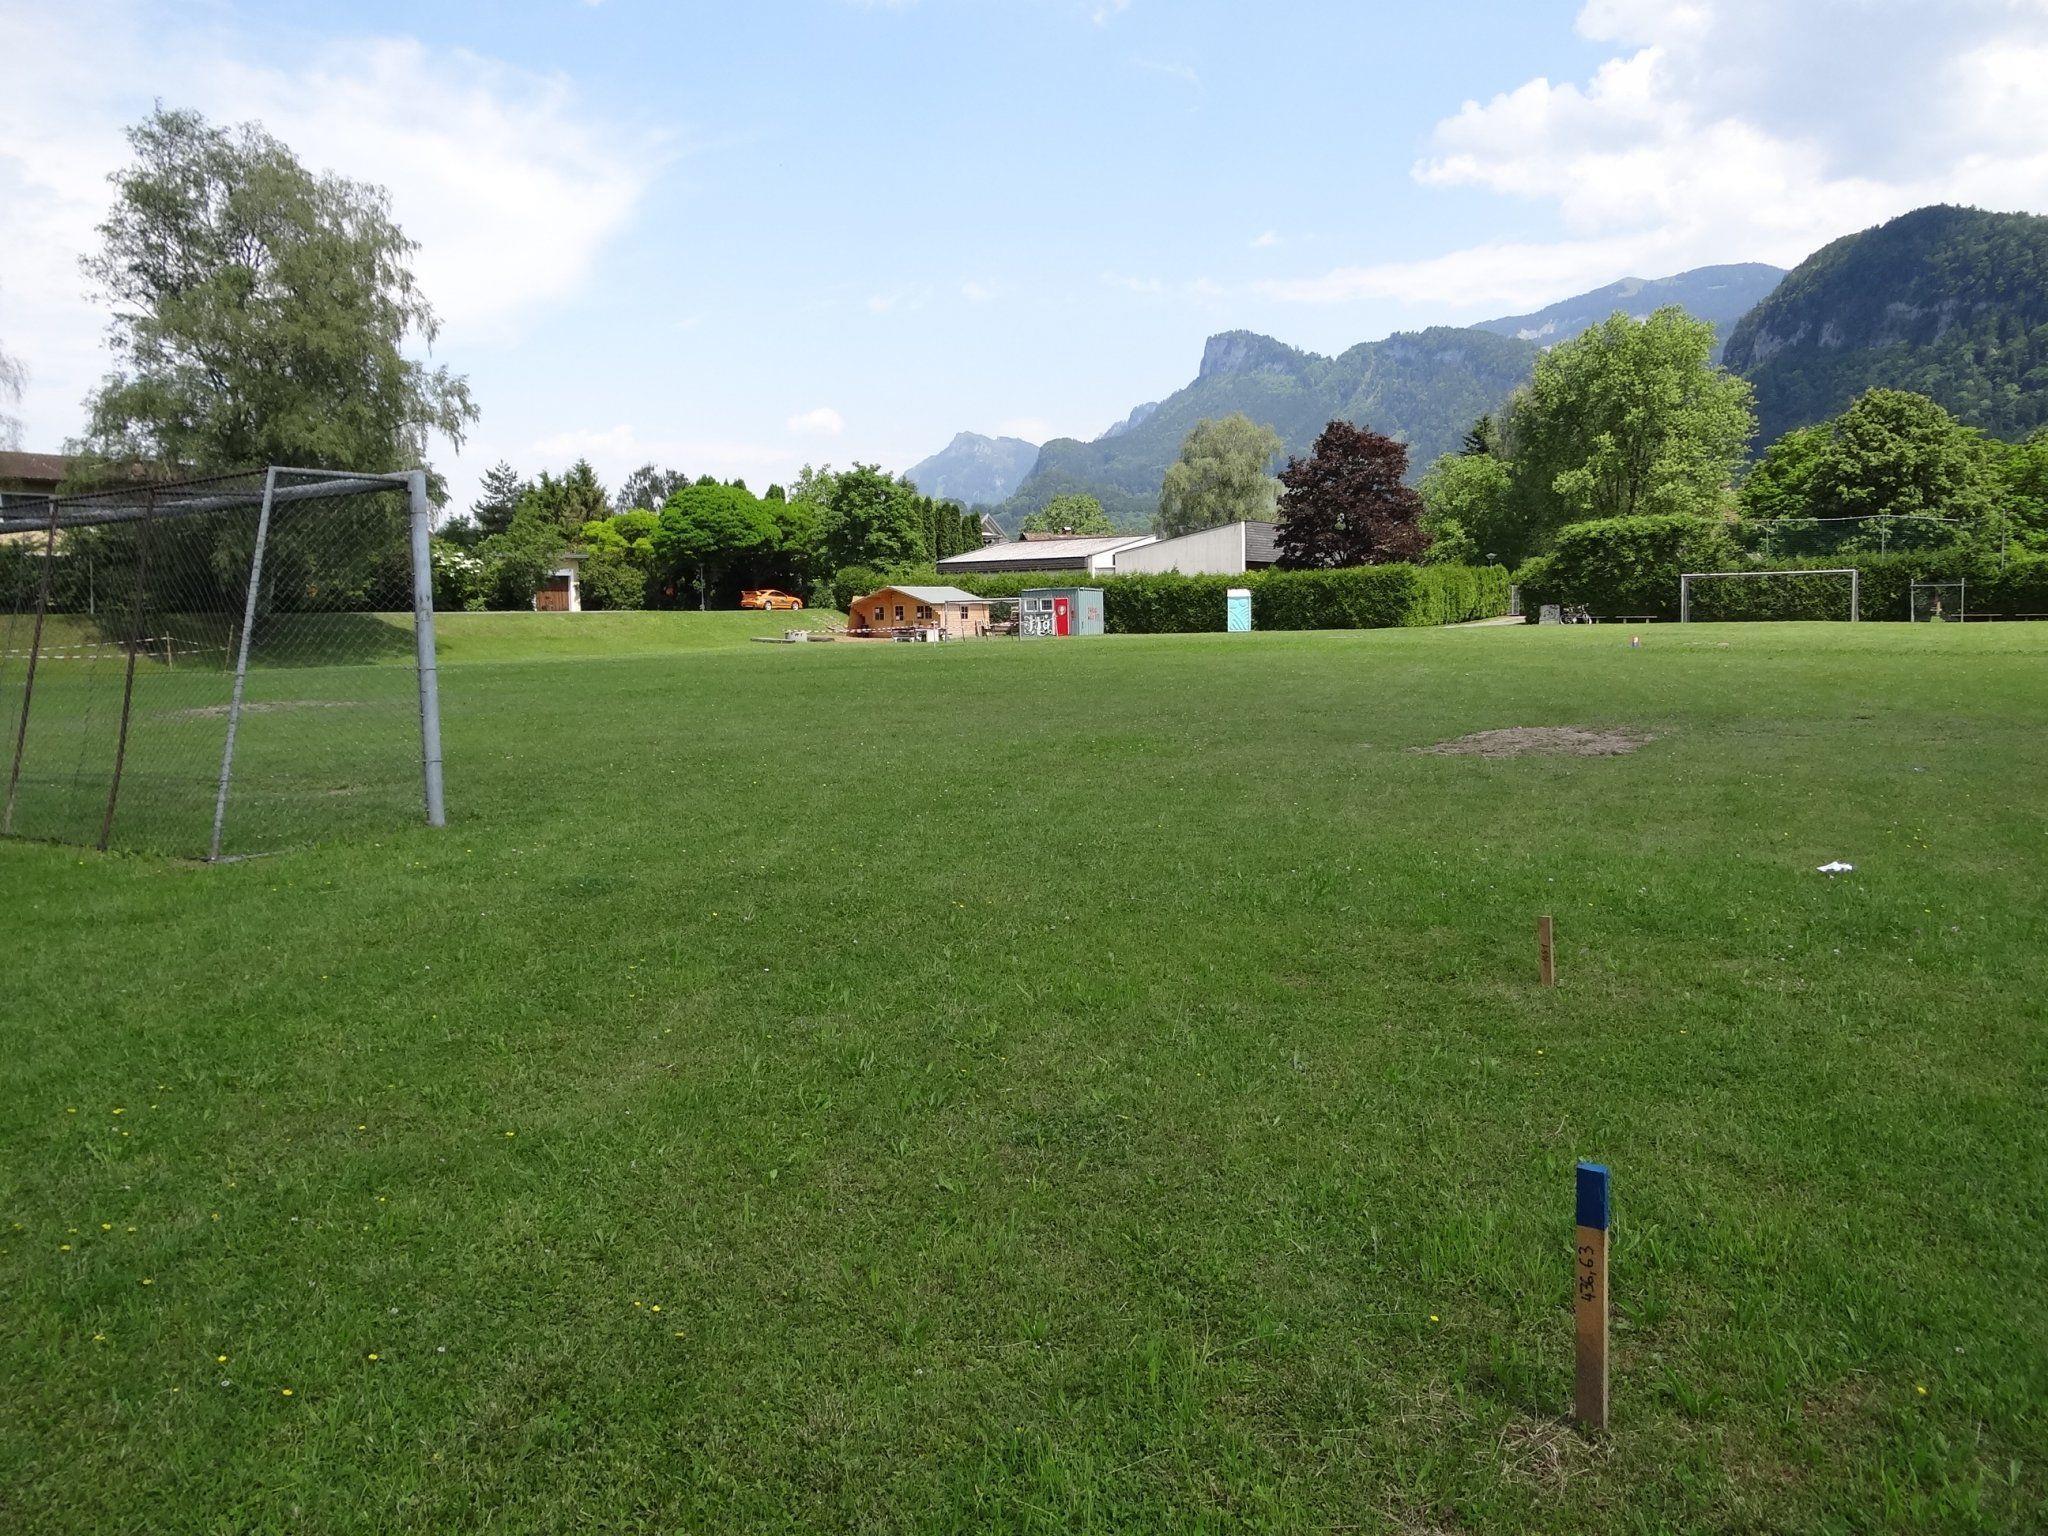 Der Sportplatz Götzner Moos soll bald dem neuen Feuerwehrhaus Platz machen.